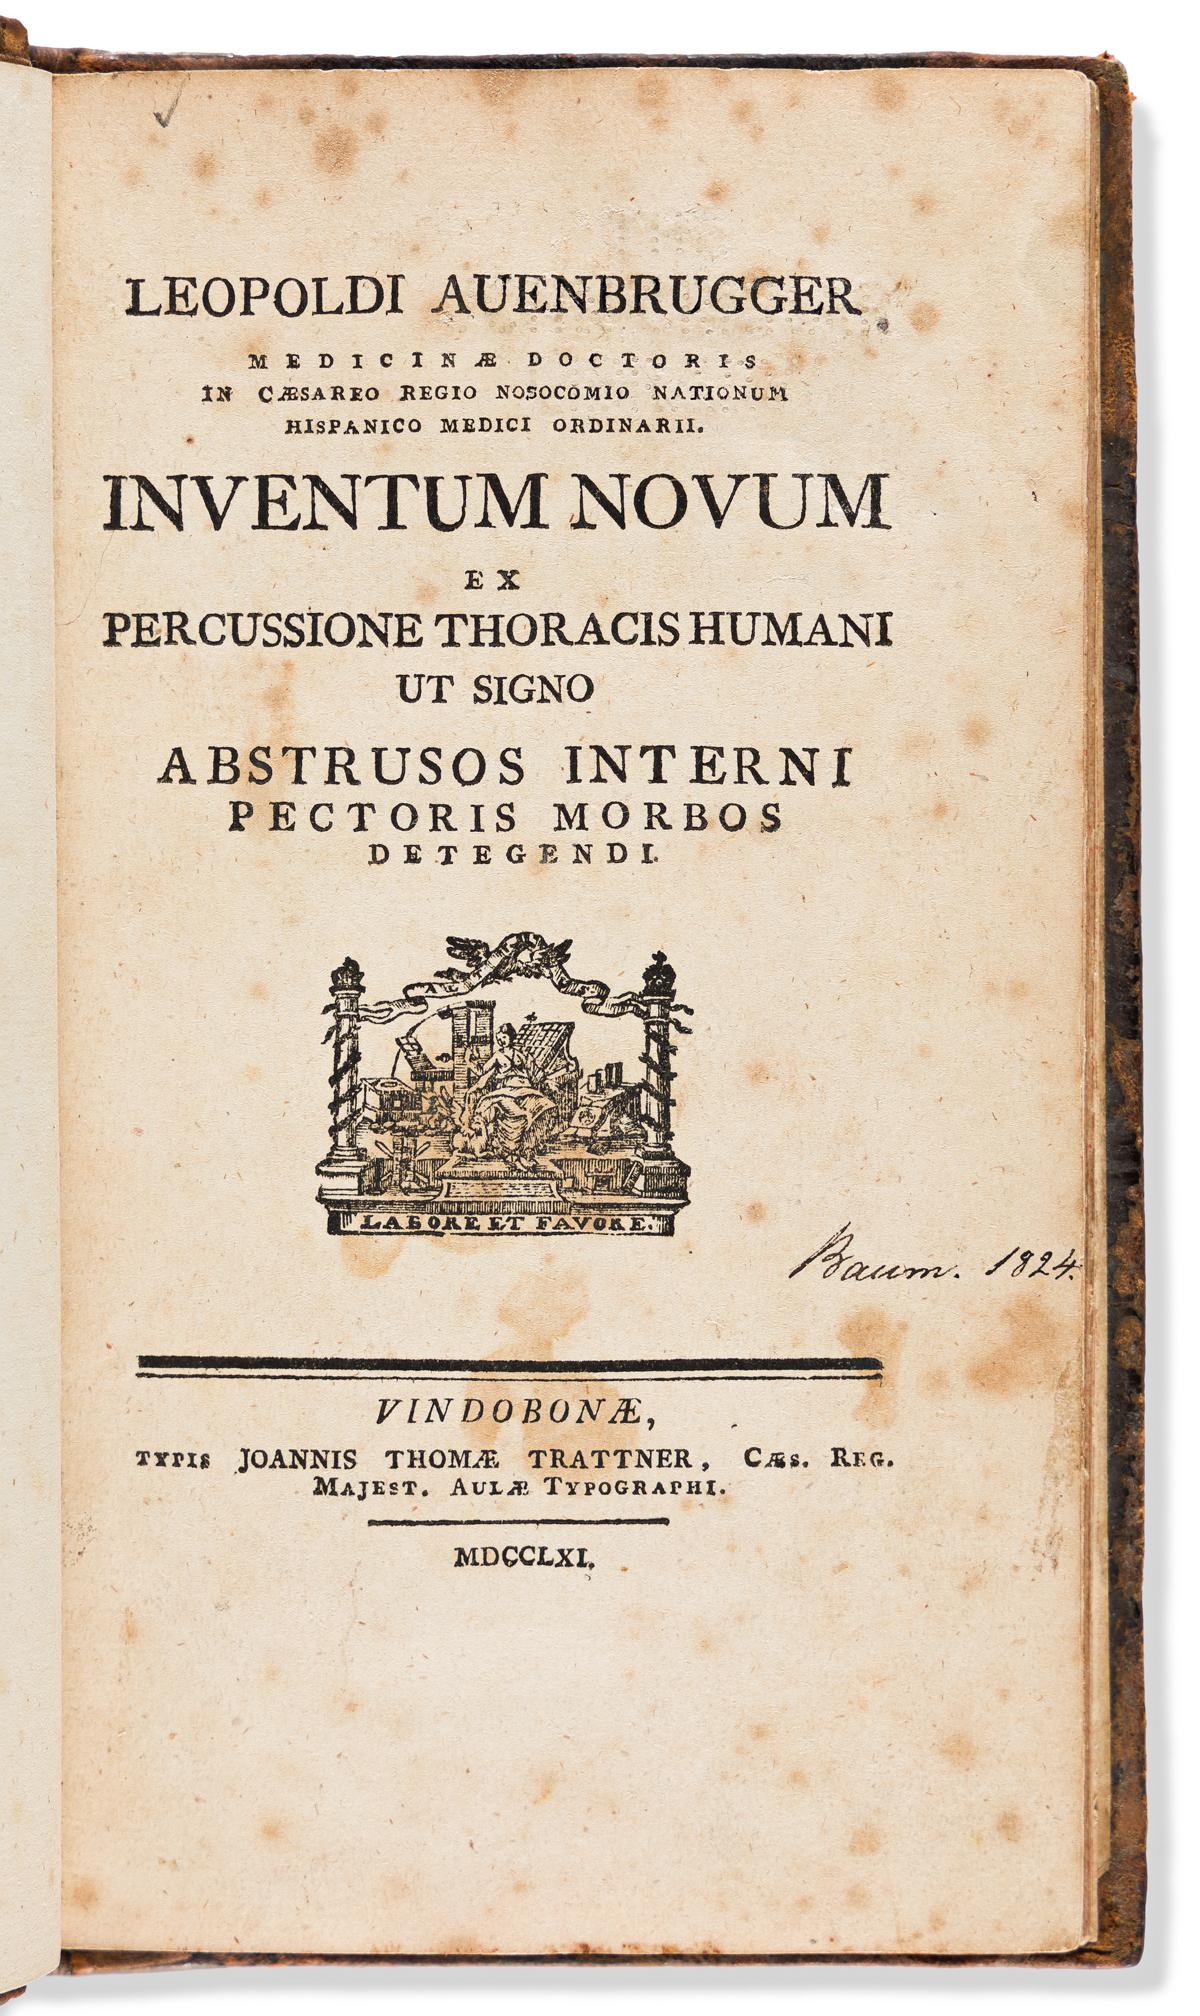 Auenbrugger, Leopold (1722-1809) Inventum novum ex percussione thoracis humani ut signo Abstrusos Interni Pectoris Morbos Detegendi.